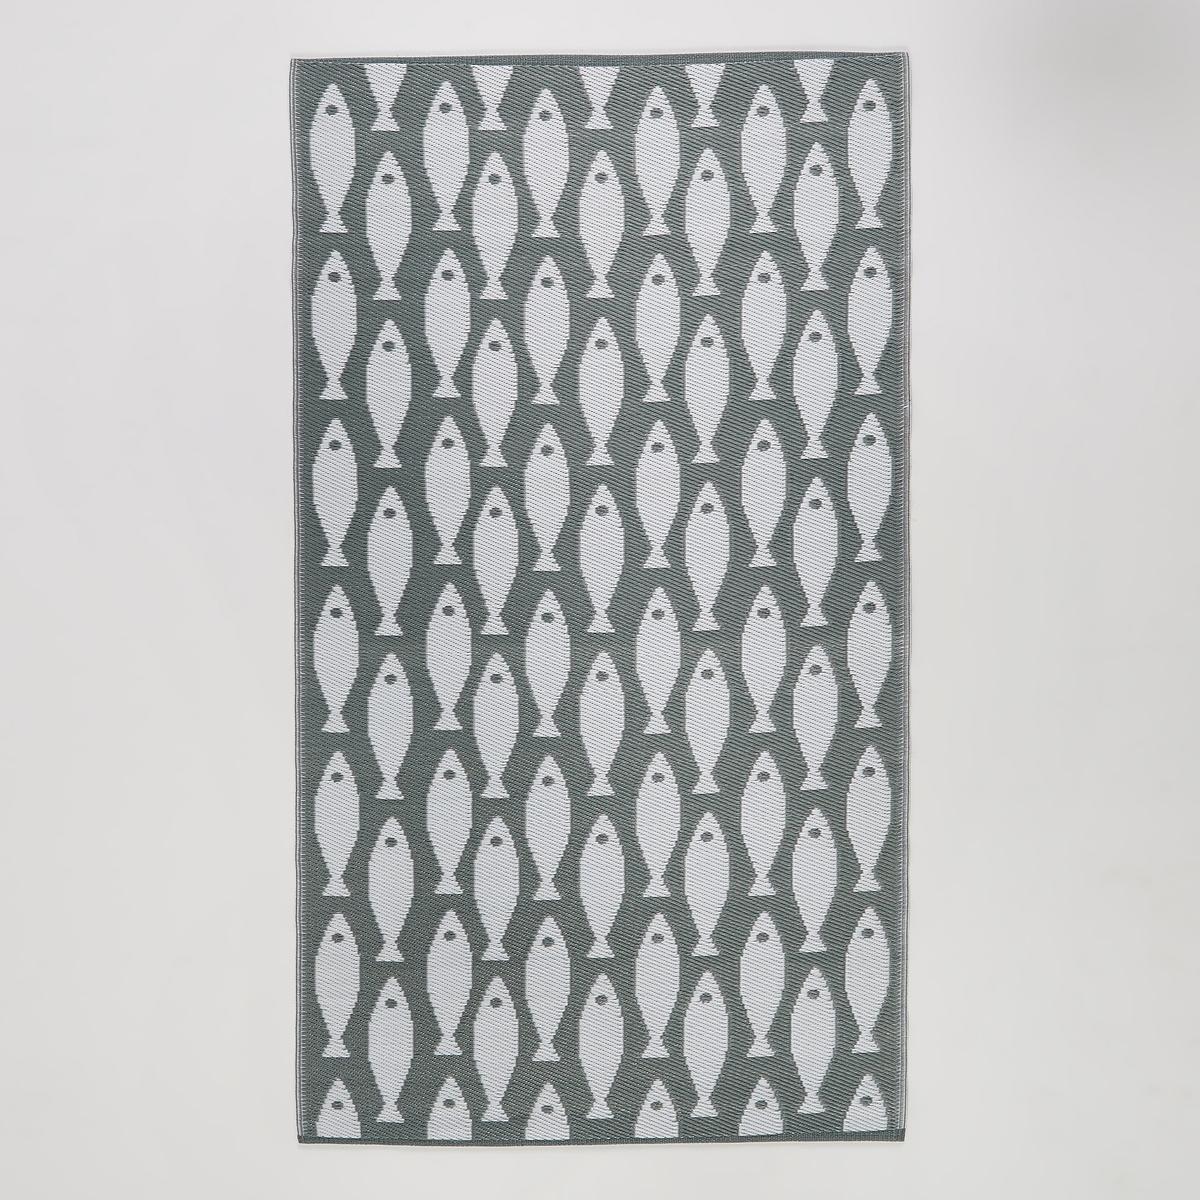 Коврик уличный PescaderoУличный коврик Pescadero. Двухсторонний коврик с позитивным/негативным рисунком рыбы, отлично подходит для террасы или вашего интерьера. Компактные размеры позволяют взять коврик на пляж или использовать его в качестве подстилки. Материал : - 100% полипропилен, устойчивый к УФ-излучению, воде, снегу и пыли - Соткан вручную Уход :  Для чистки ковра достаточно протереть его влажной губкой или промыть его под струей воды и повесить сушить.Размеры: - 120 x 220 см.<br><br>Цвет: серый/ белый